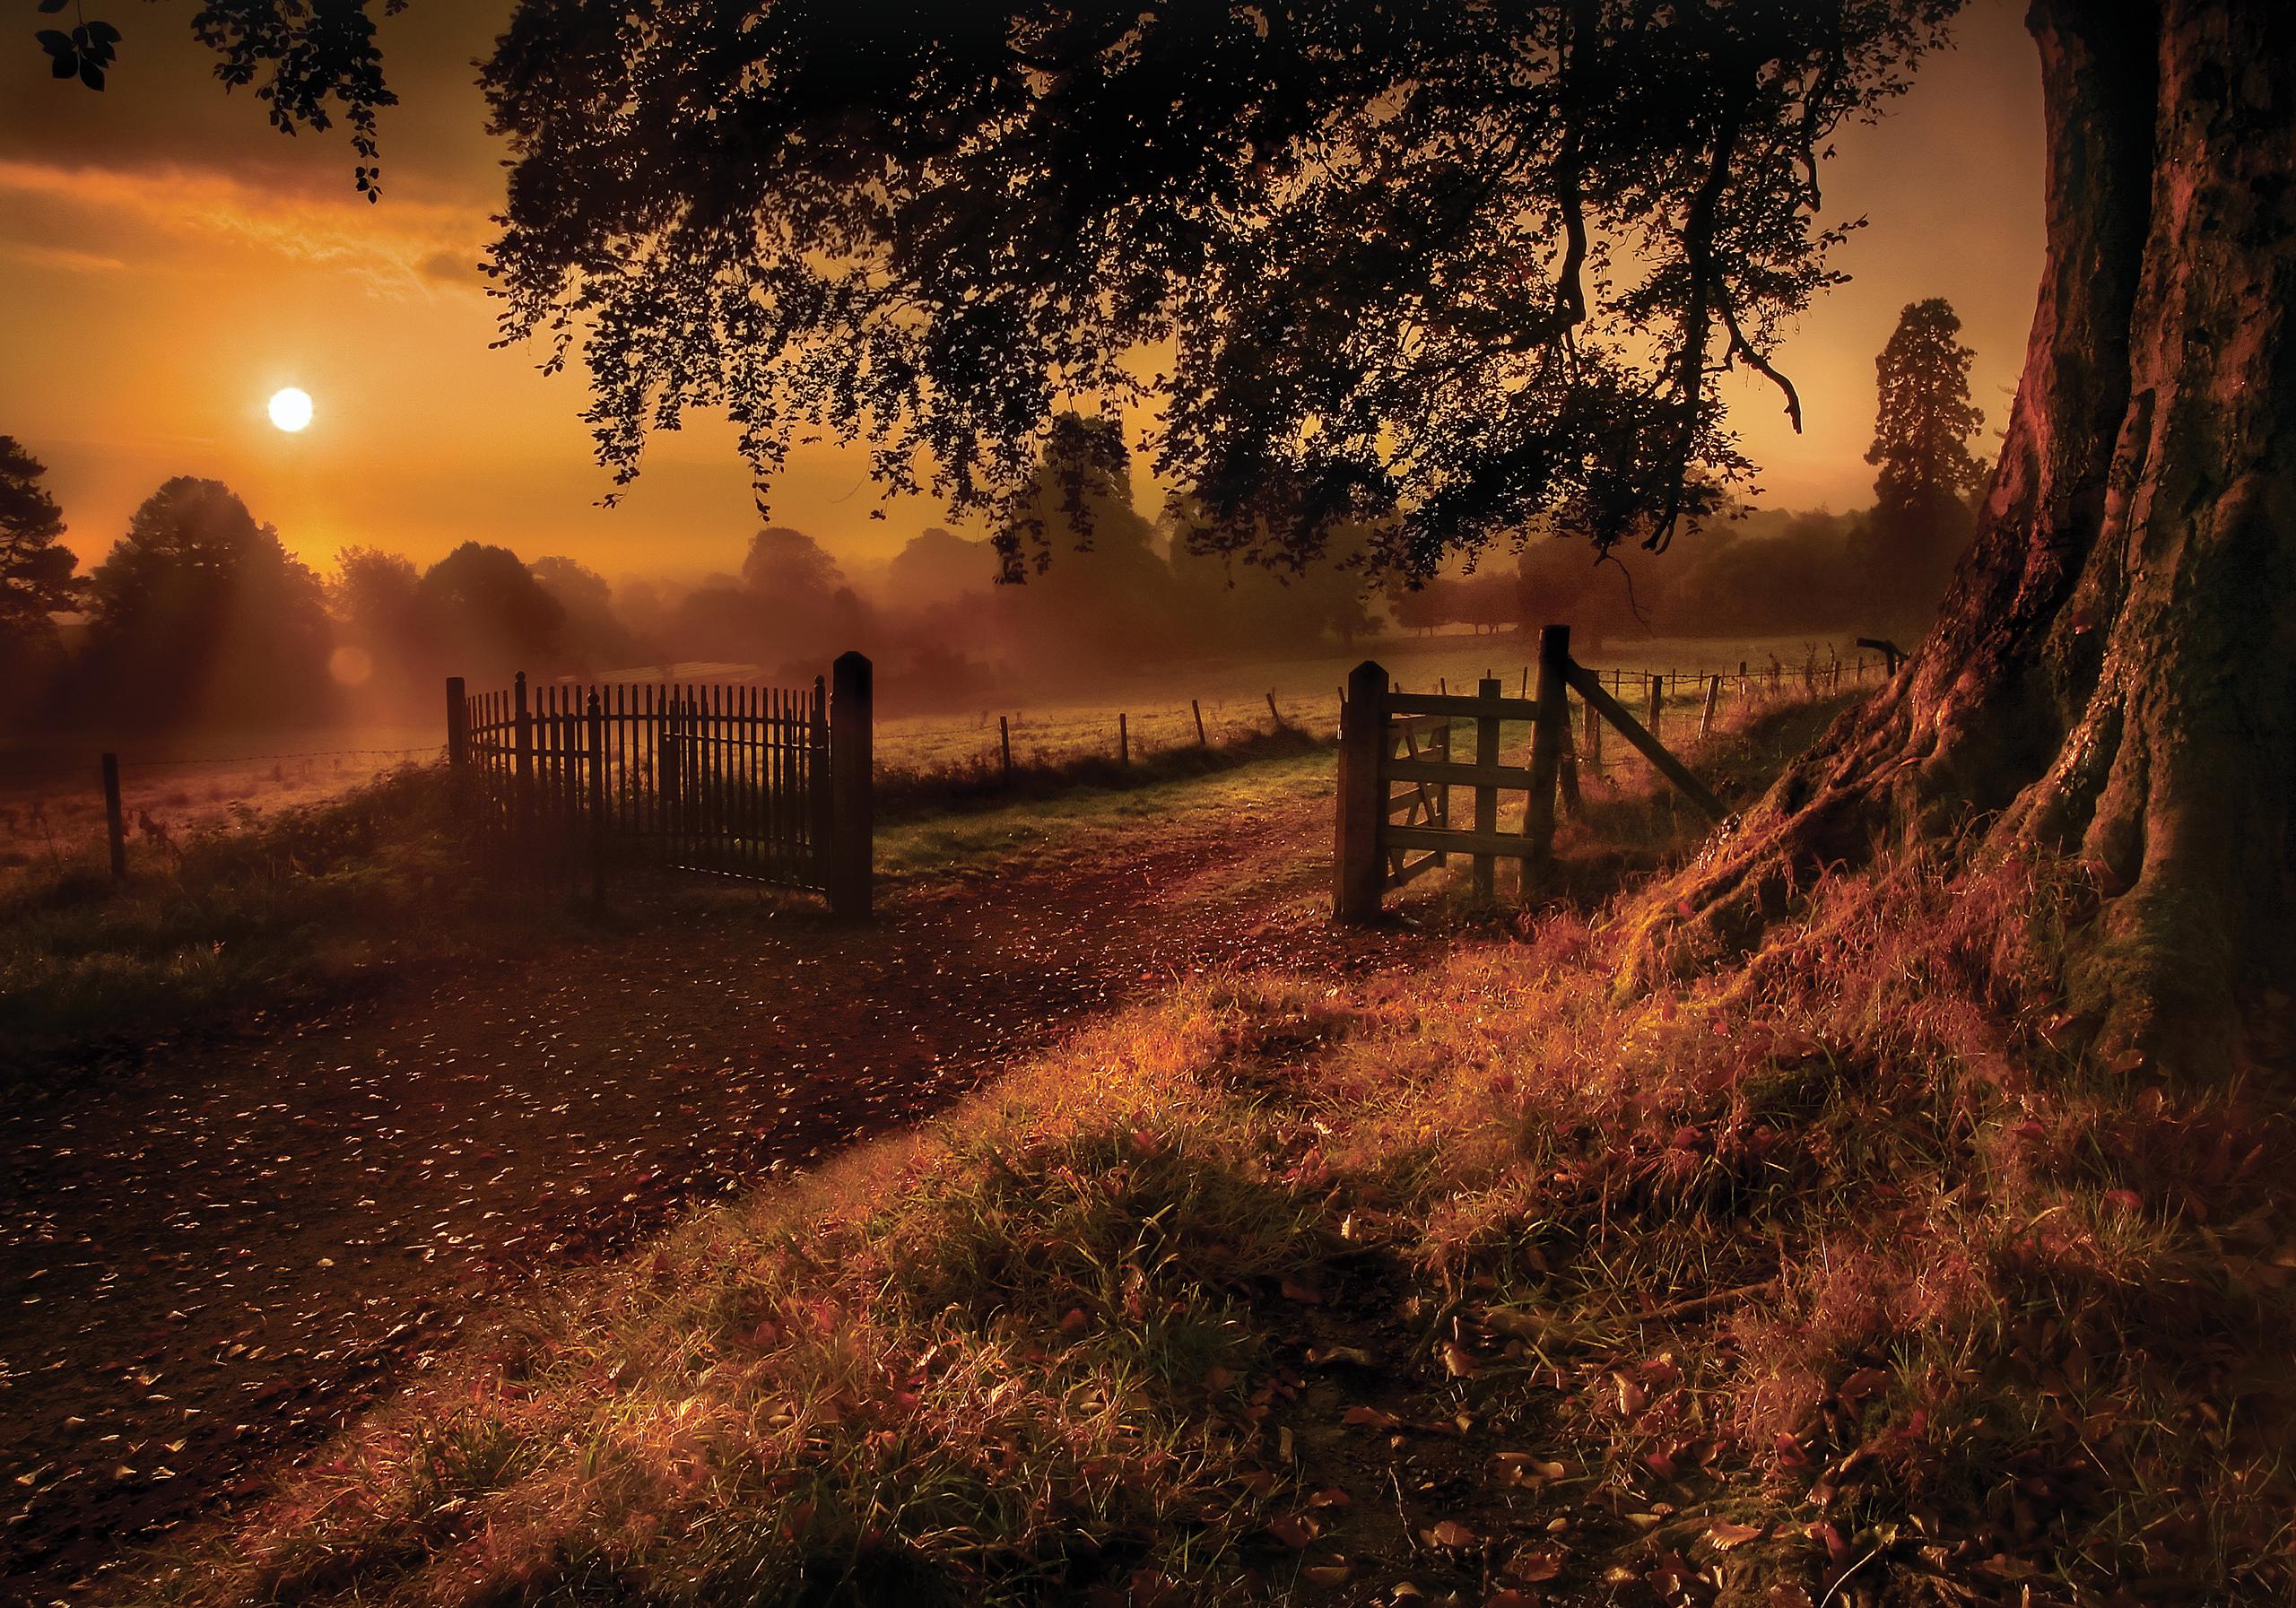 Восход солнца на окраине леса  № 1409466 загрузить